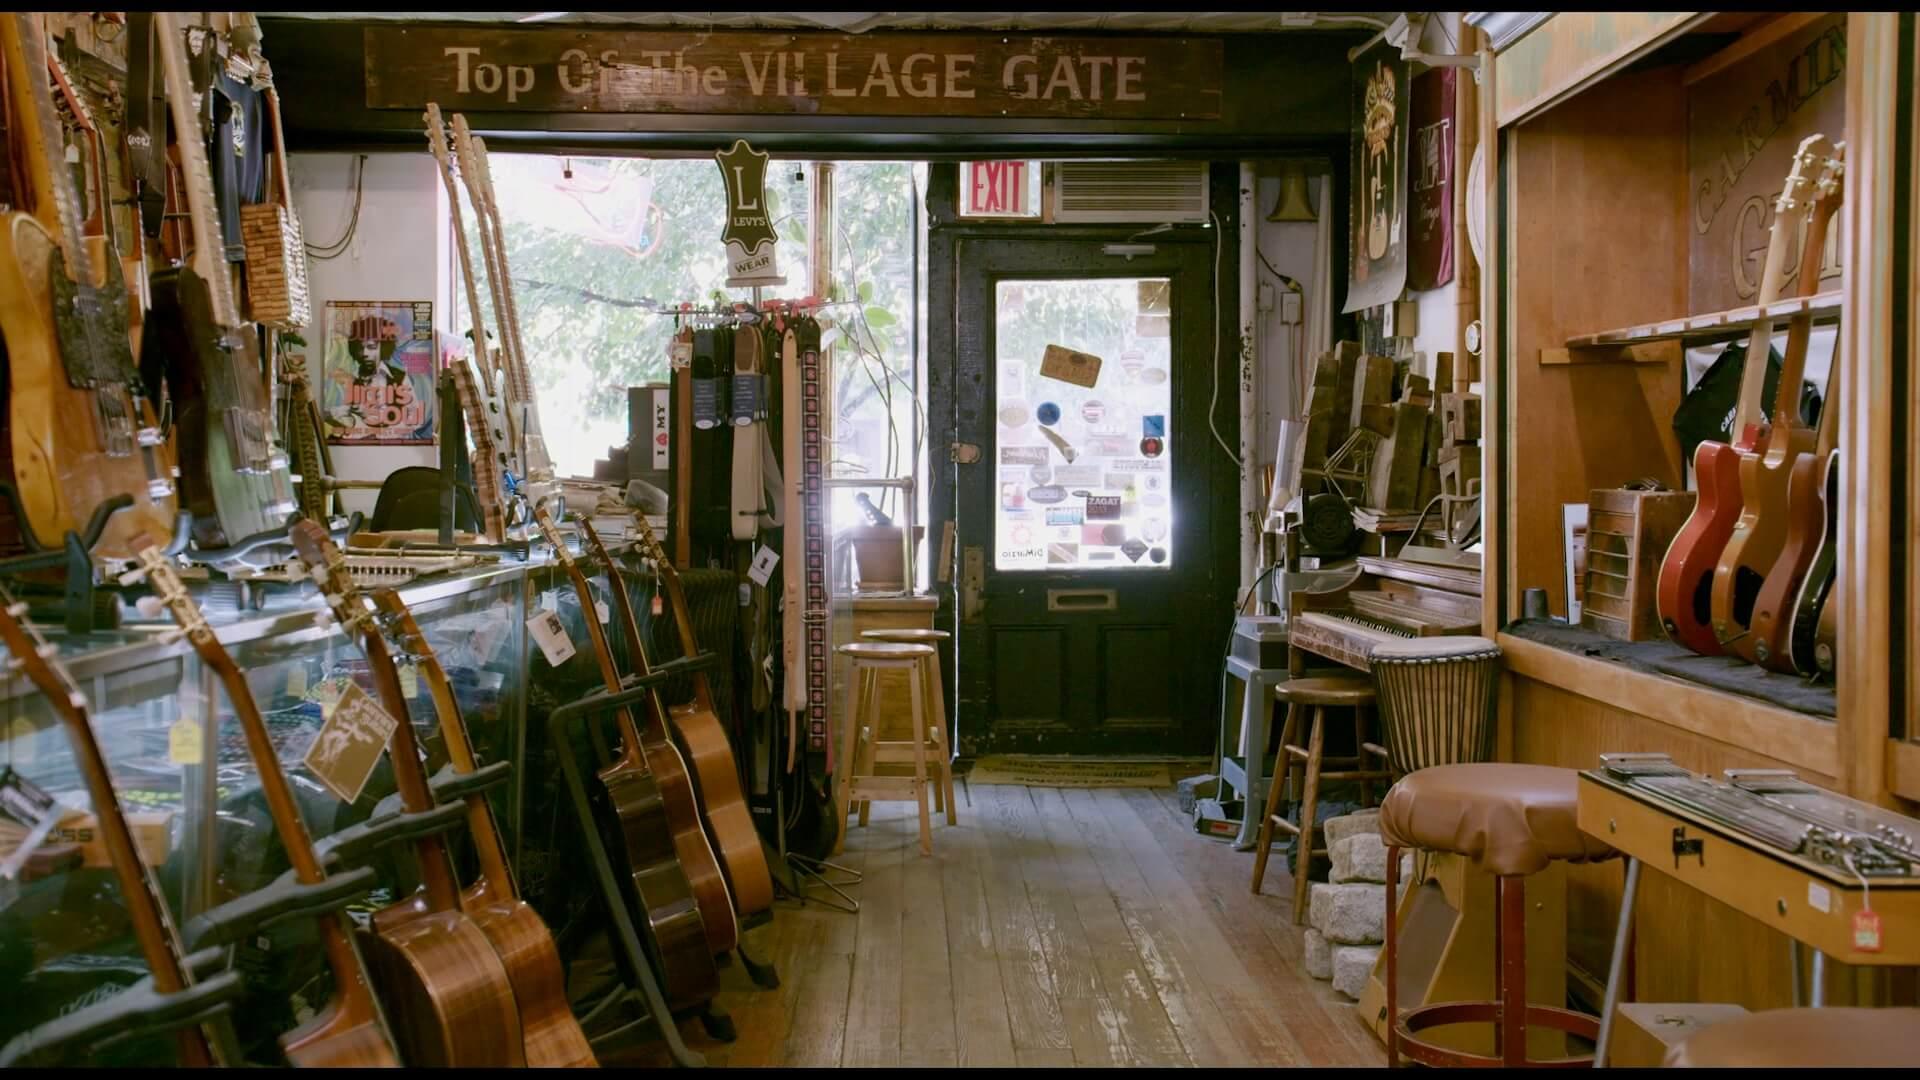 NYにあるギターショップのドキュメンタリー映画『カーマイン・ストリート・ギター』が本日より上映|山内総一郎、尾崎世界観、ハマ・オカモトらがコメントを寄せる fiml190810-carminestreertguitars-5